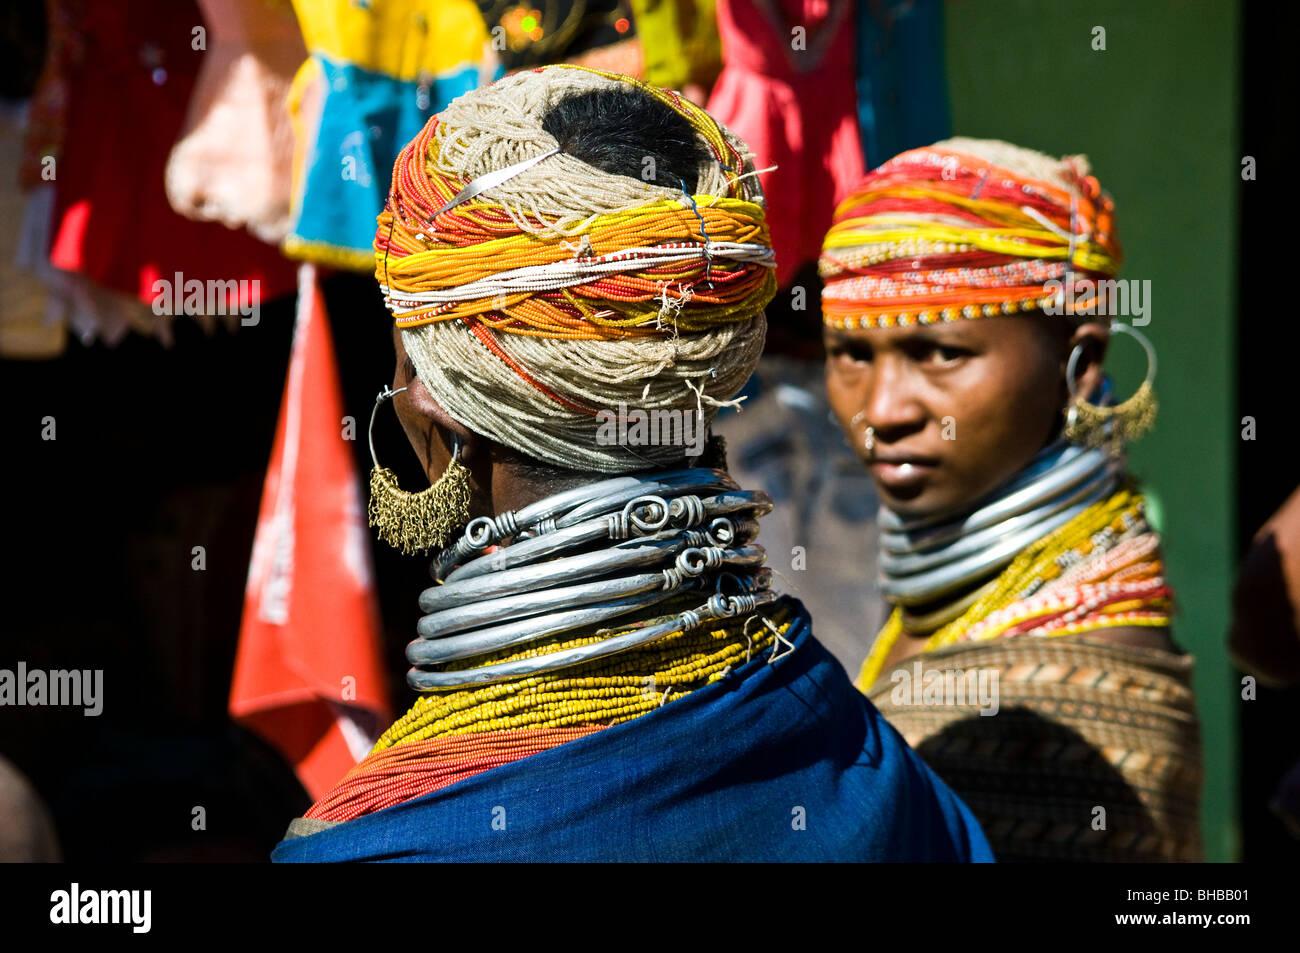 Colorful Bonda women in the local market. - Stock Image